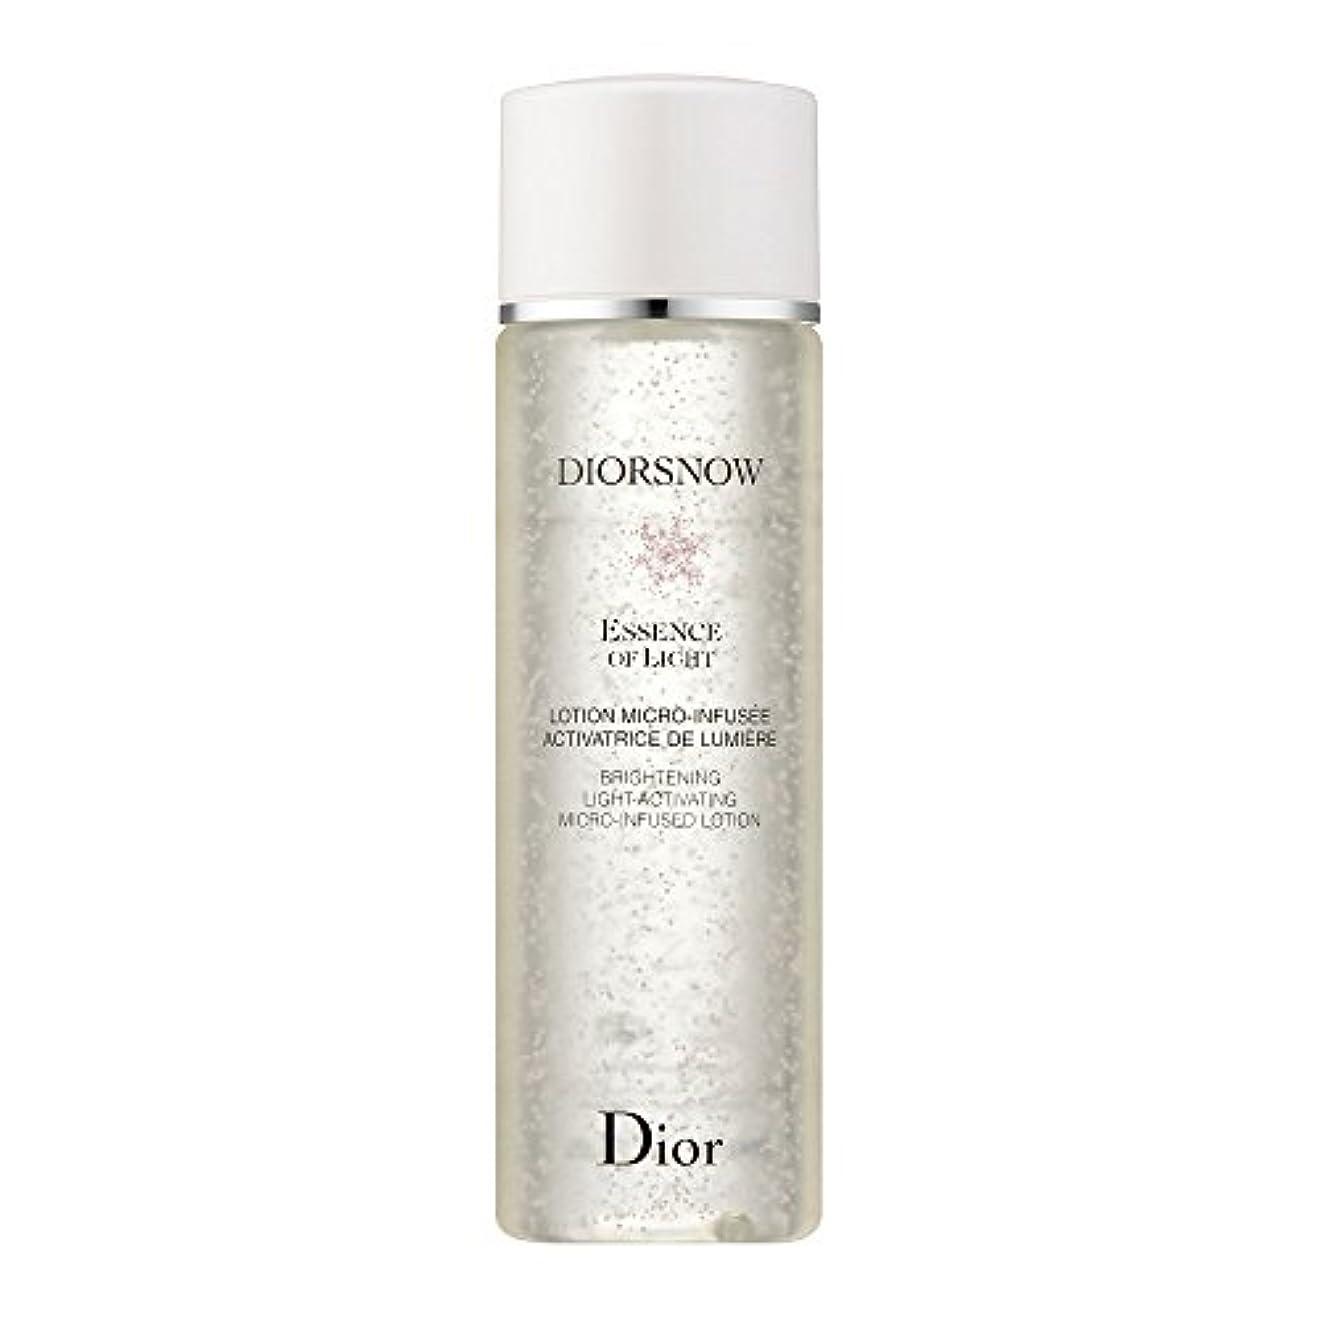 注目すべきガソリンマカダムクリスチャン ディオール(Christian Dior) スノー ブライトニング エッセンスローション 200ml [並行輸入品]